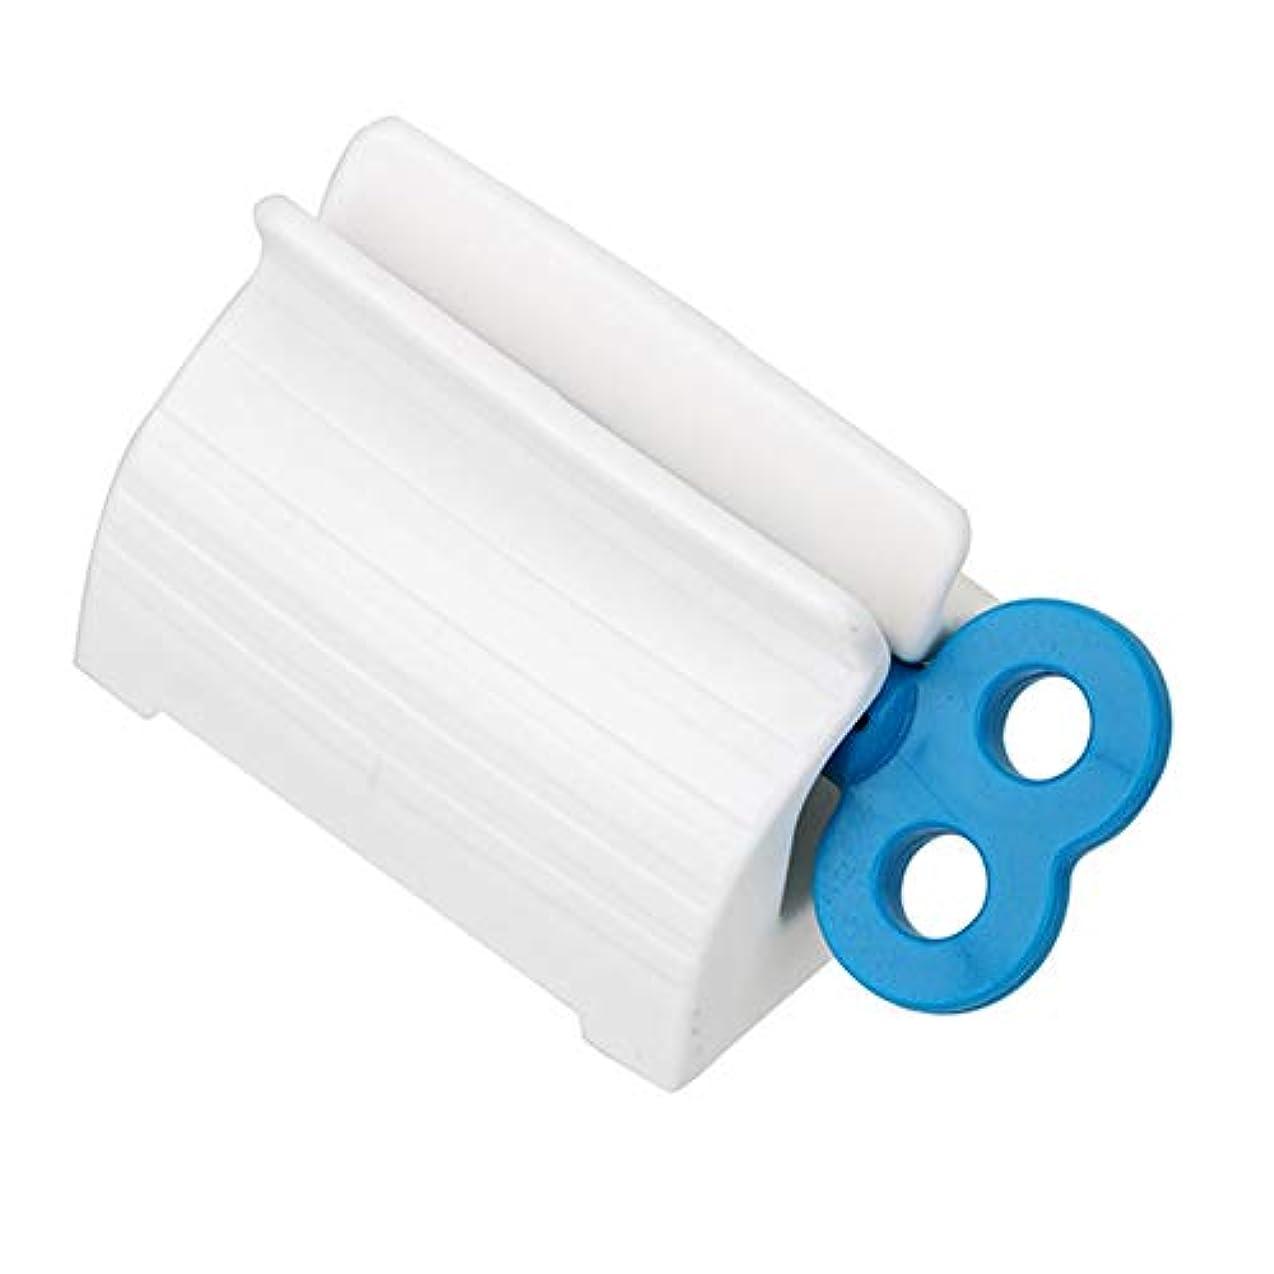 とティームスティーブンソン見かけ上ローリングチューブ歯磨き粉スクイーザー小説回転ハンドルディスペンサー超便利なセーバー多目的吸盤簡単浴室用プラスチックスタンドホルダー